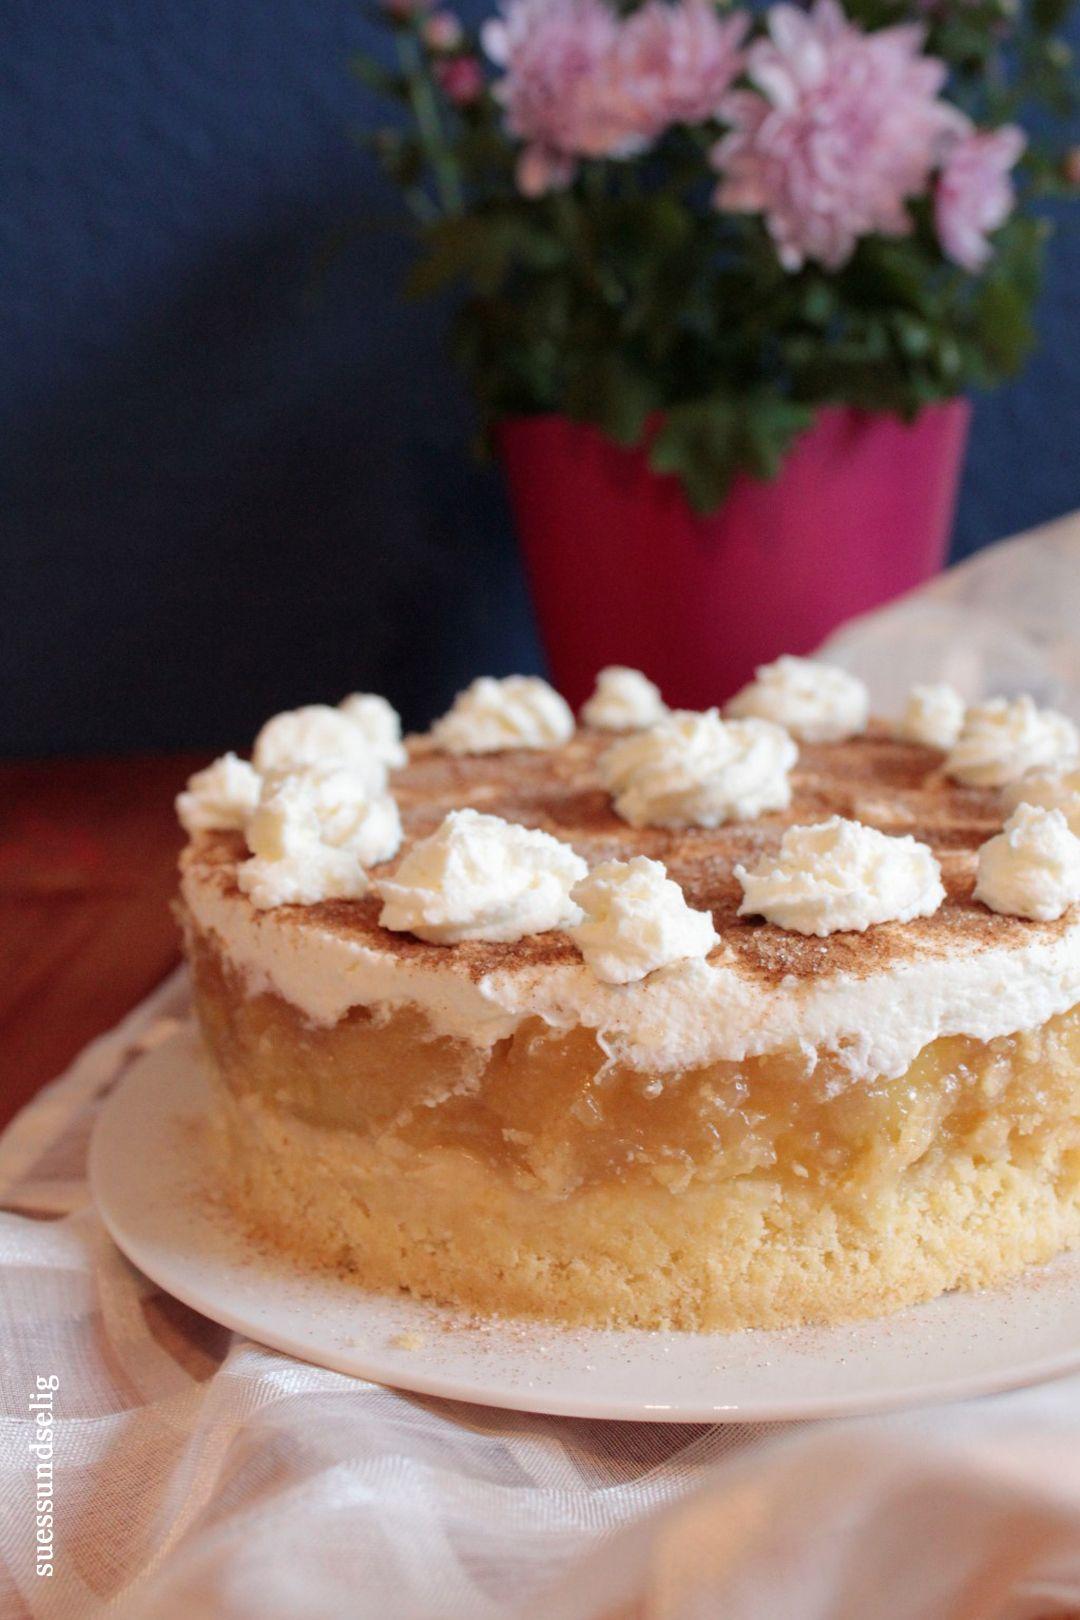 An Apple Pie A Day Eine Apfel Sahne Torte Die Gluckselig Macht Apfel Sahne Torte Kuchen Und Torten Und Kuchen Und Torten Rezepte